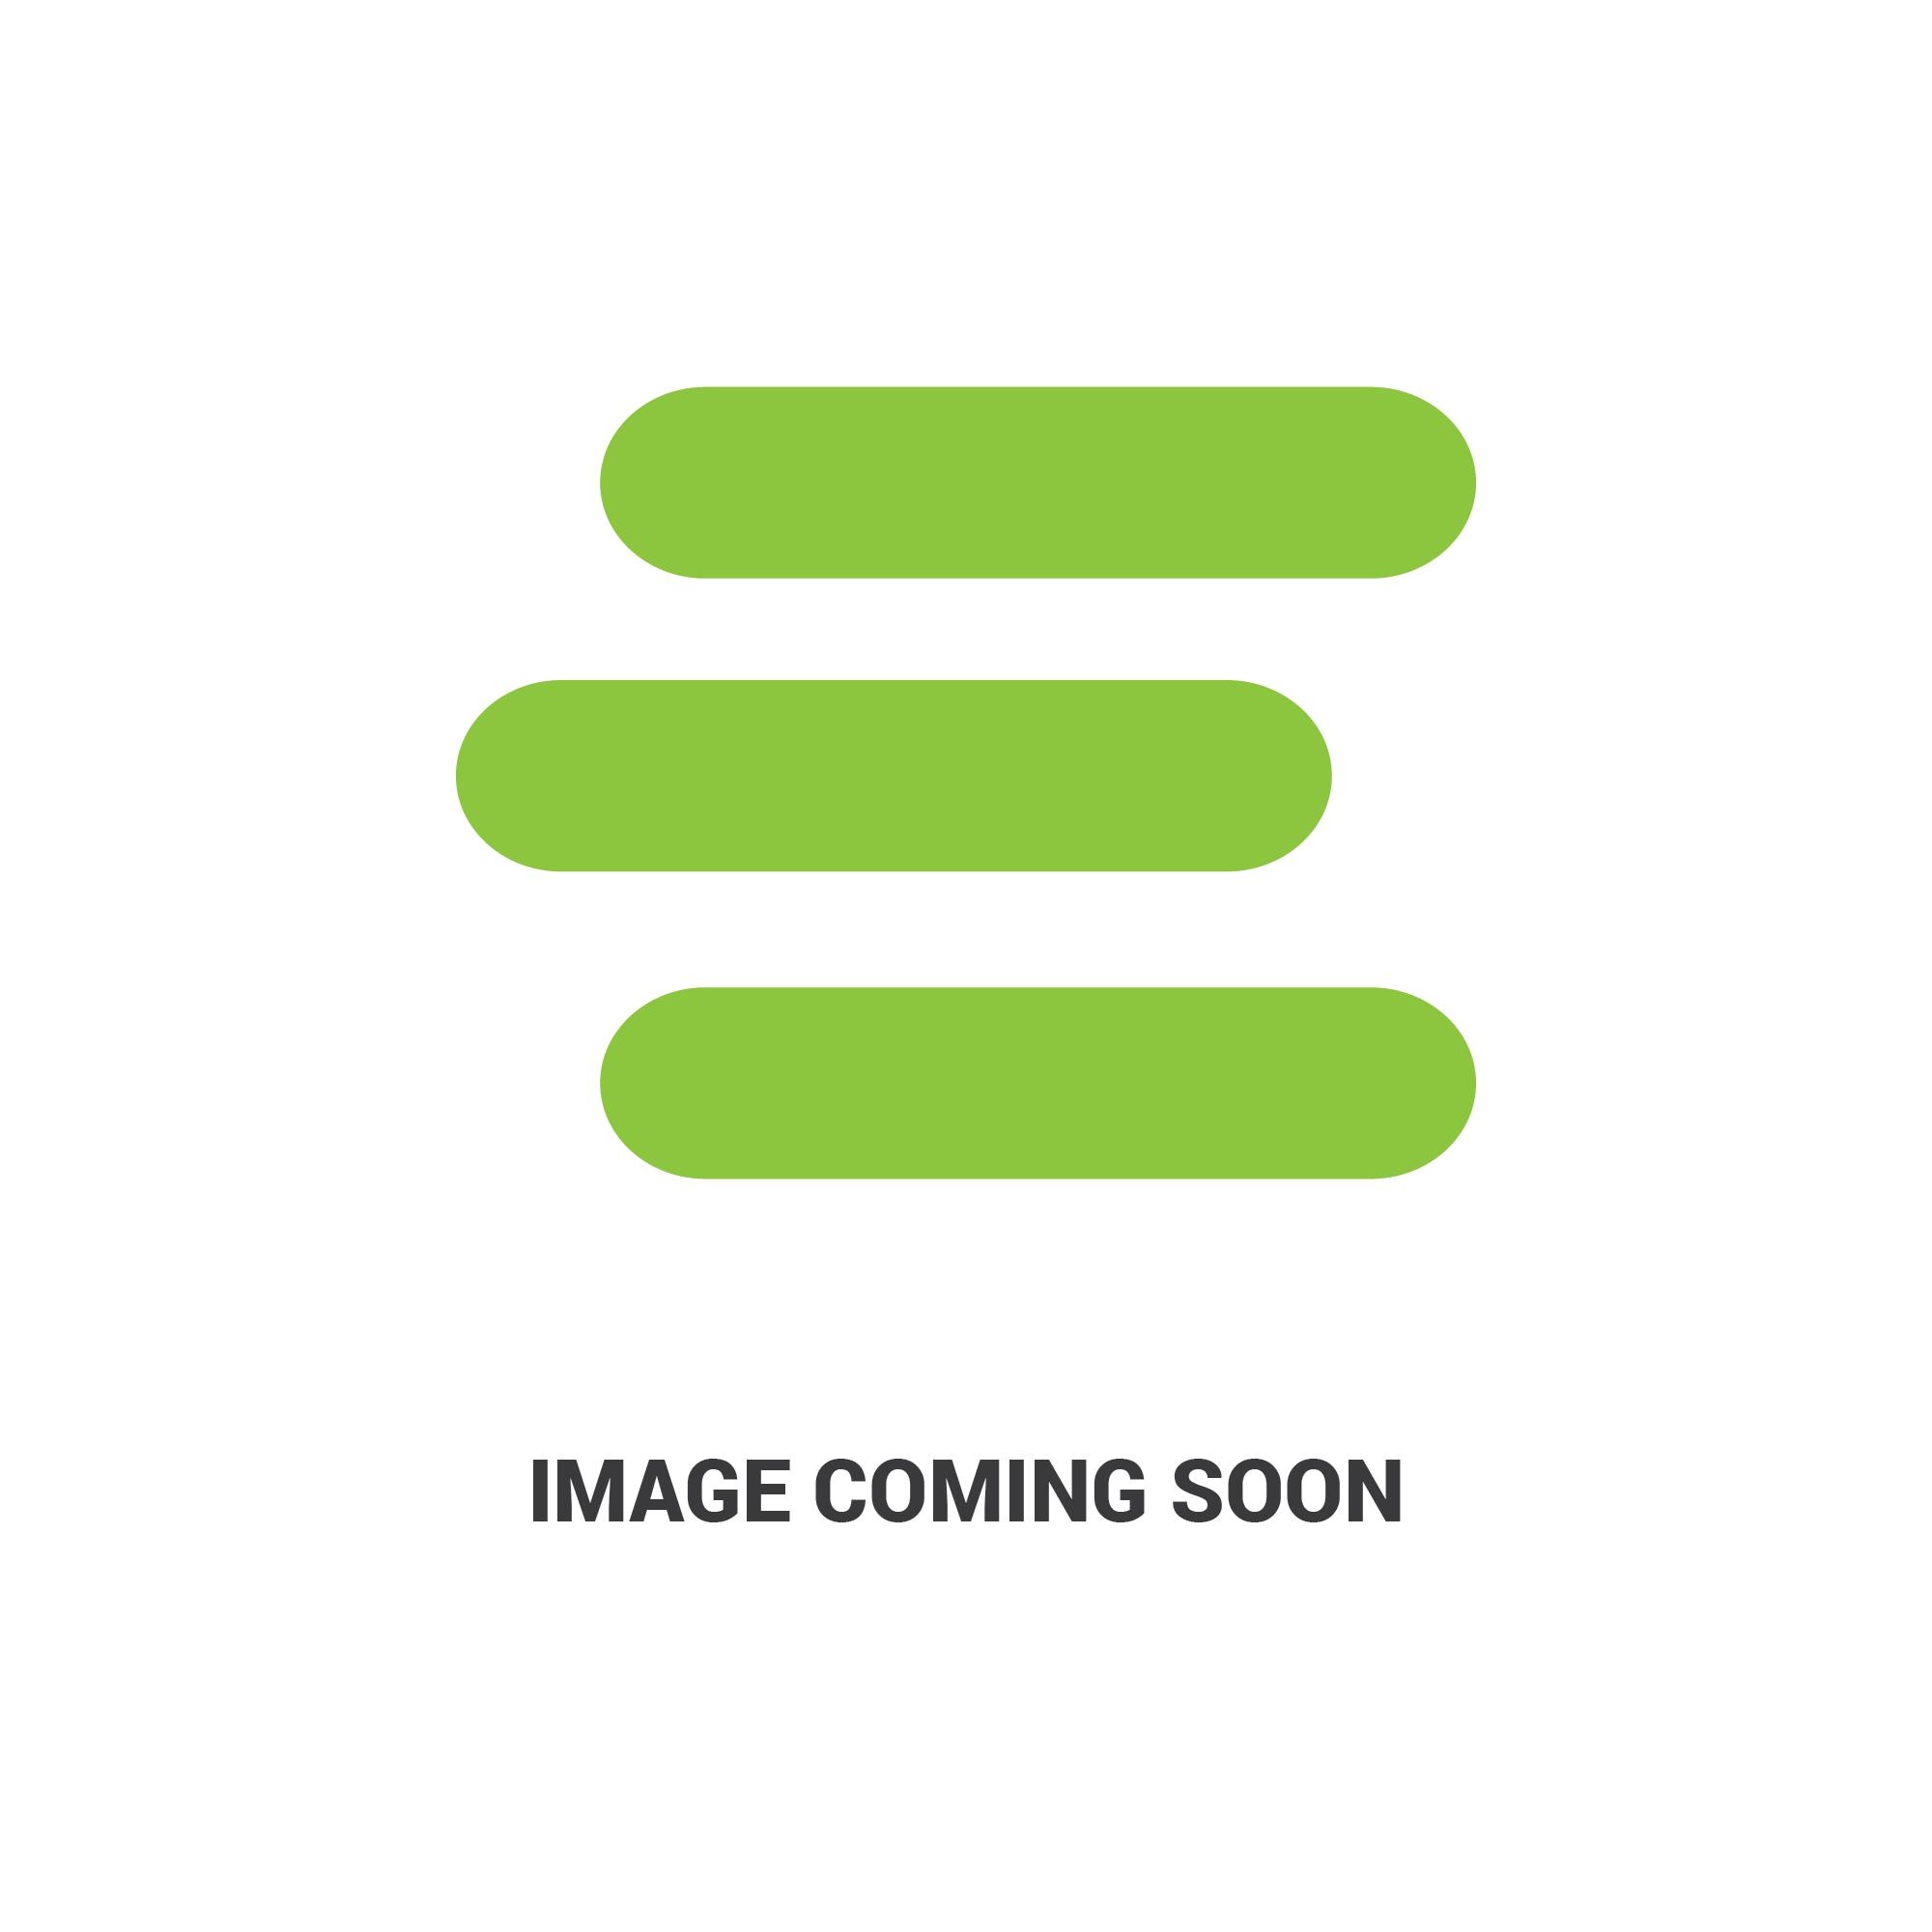 E-RE20223edit 1.jpg